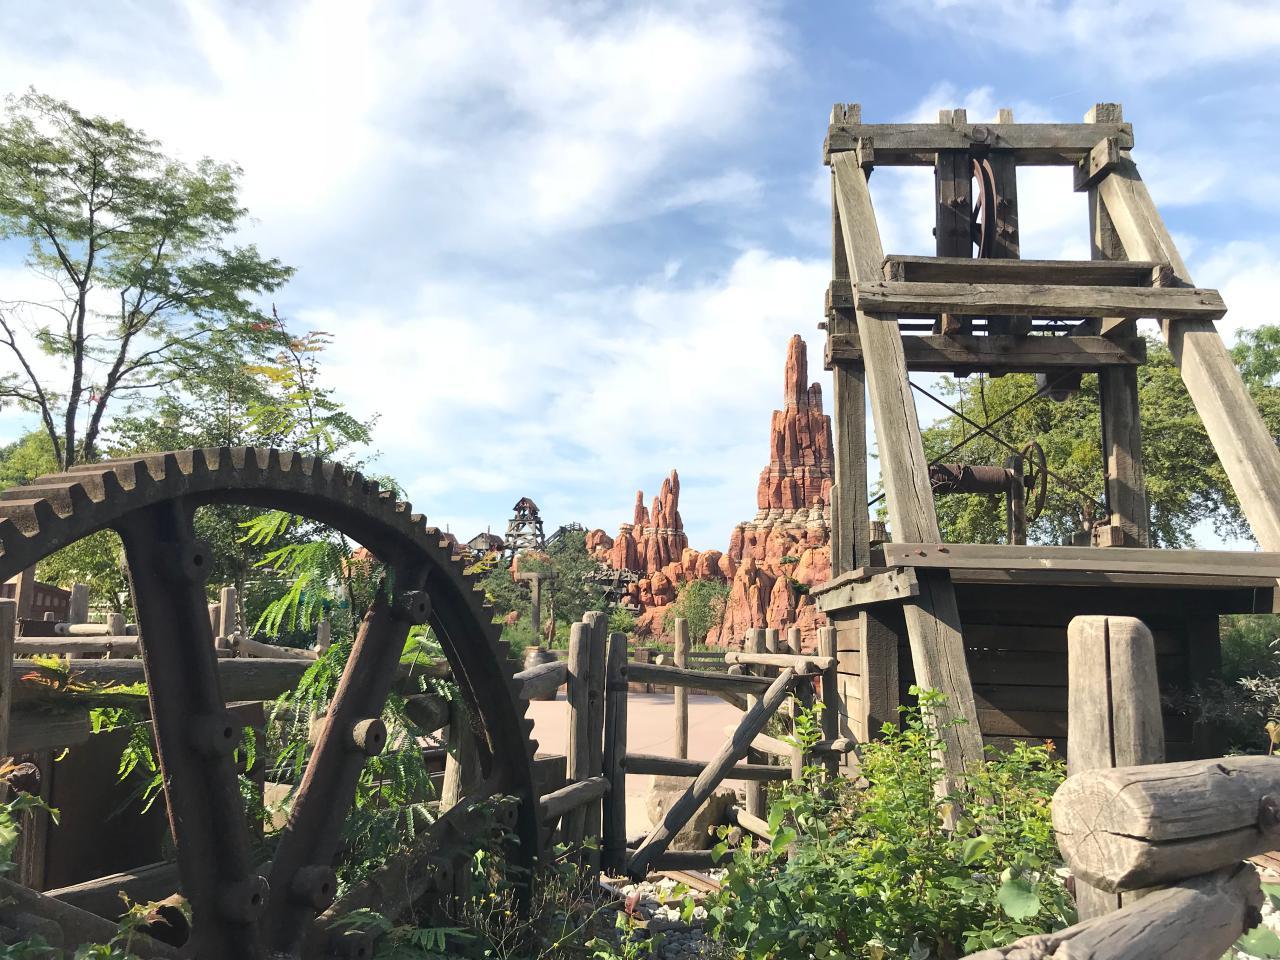 Frontierland Disneyland Paris im Juli 2018